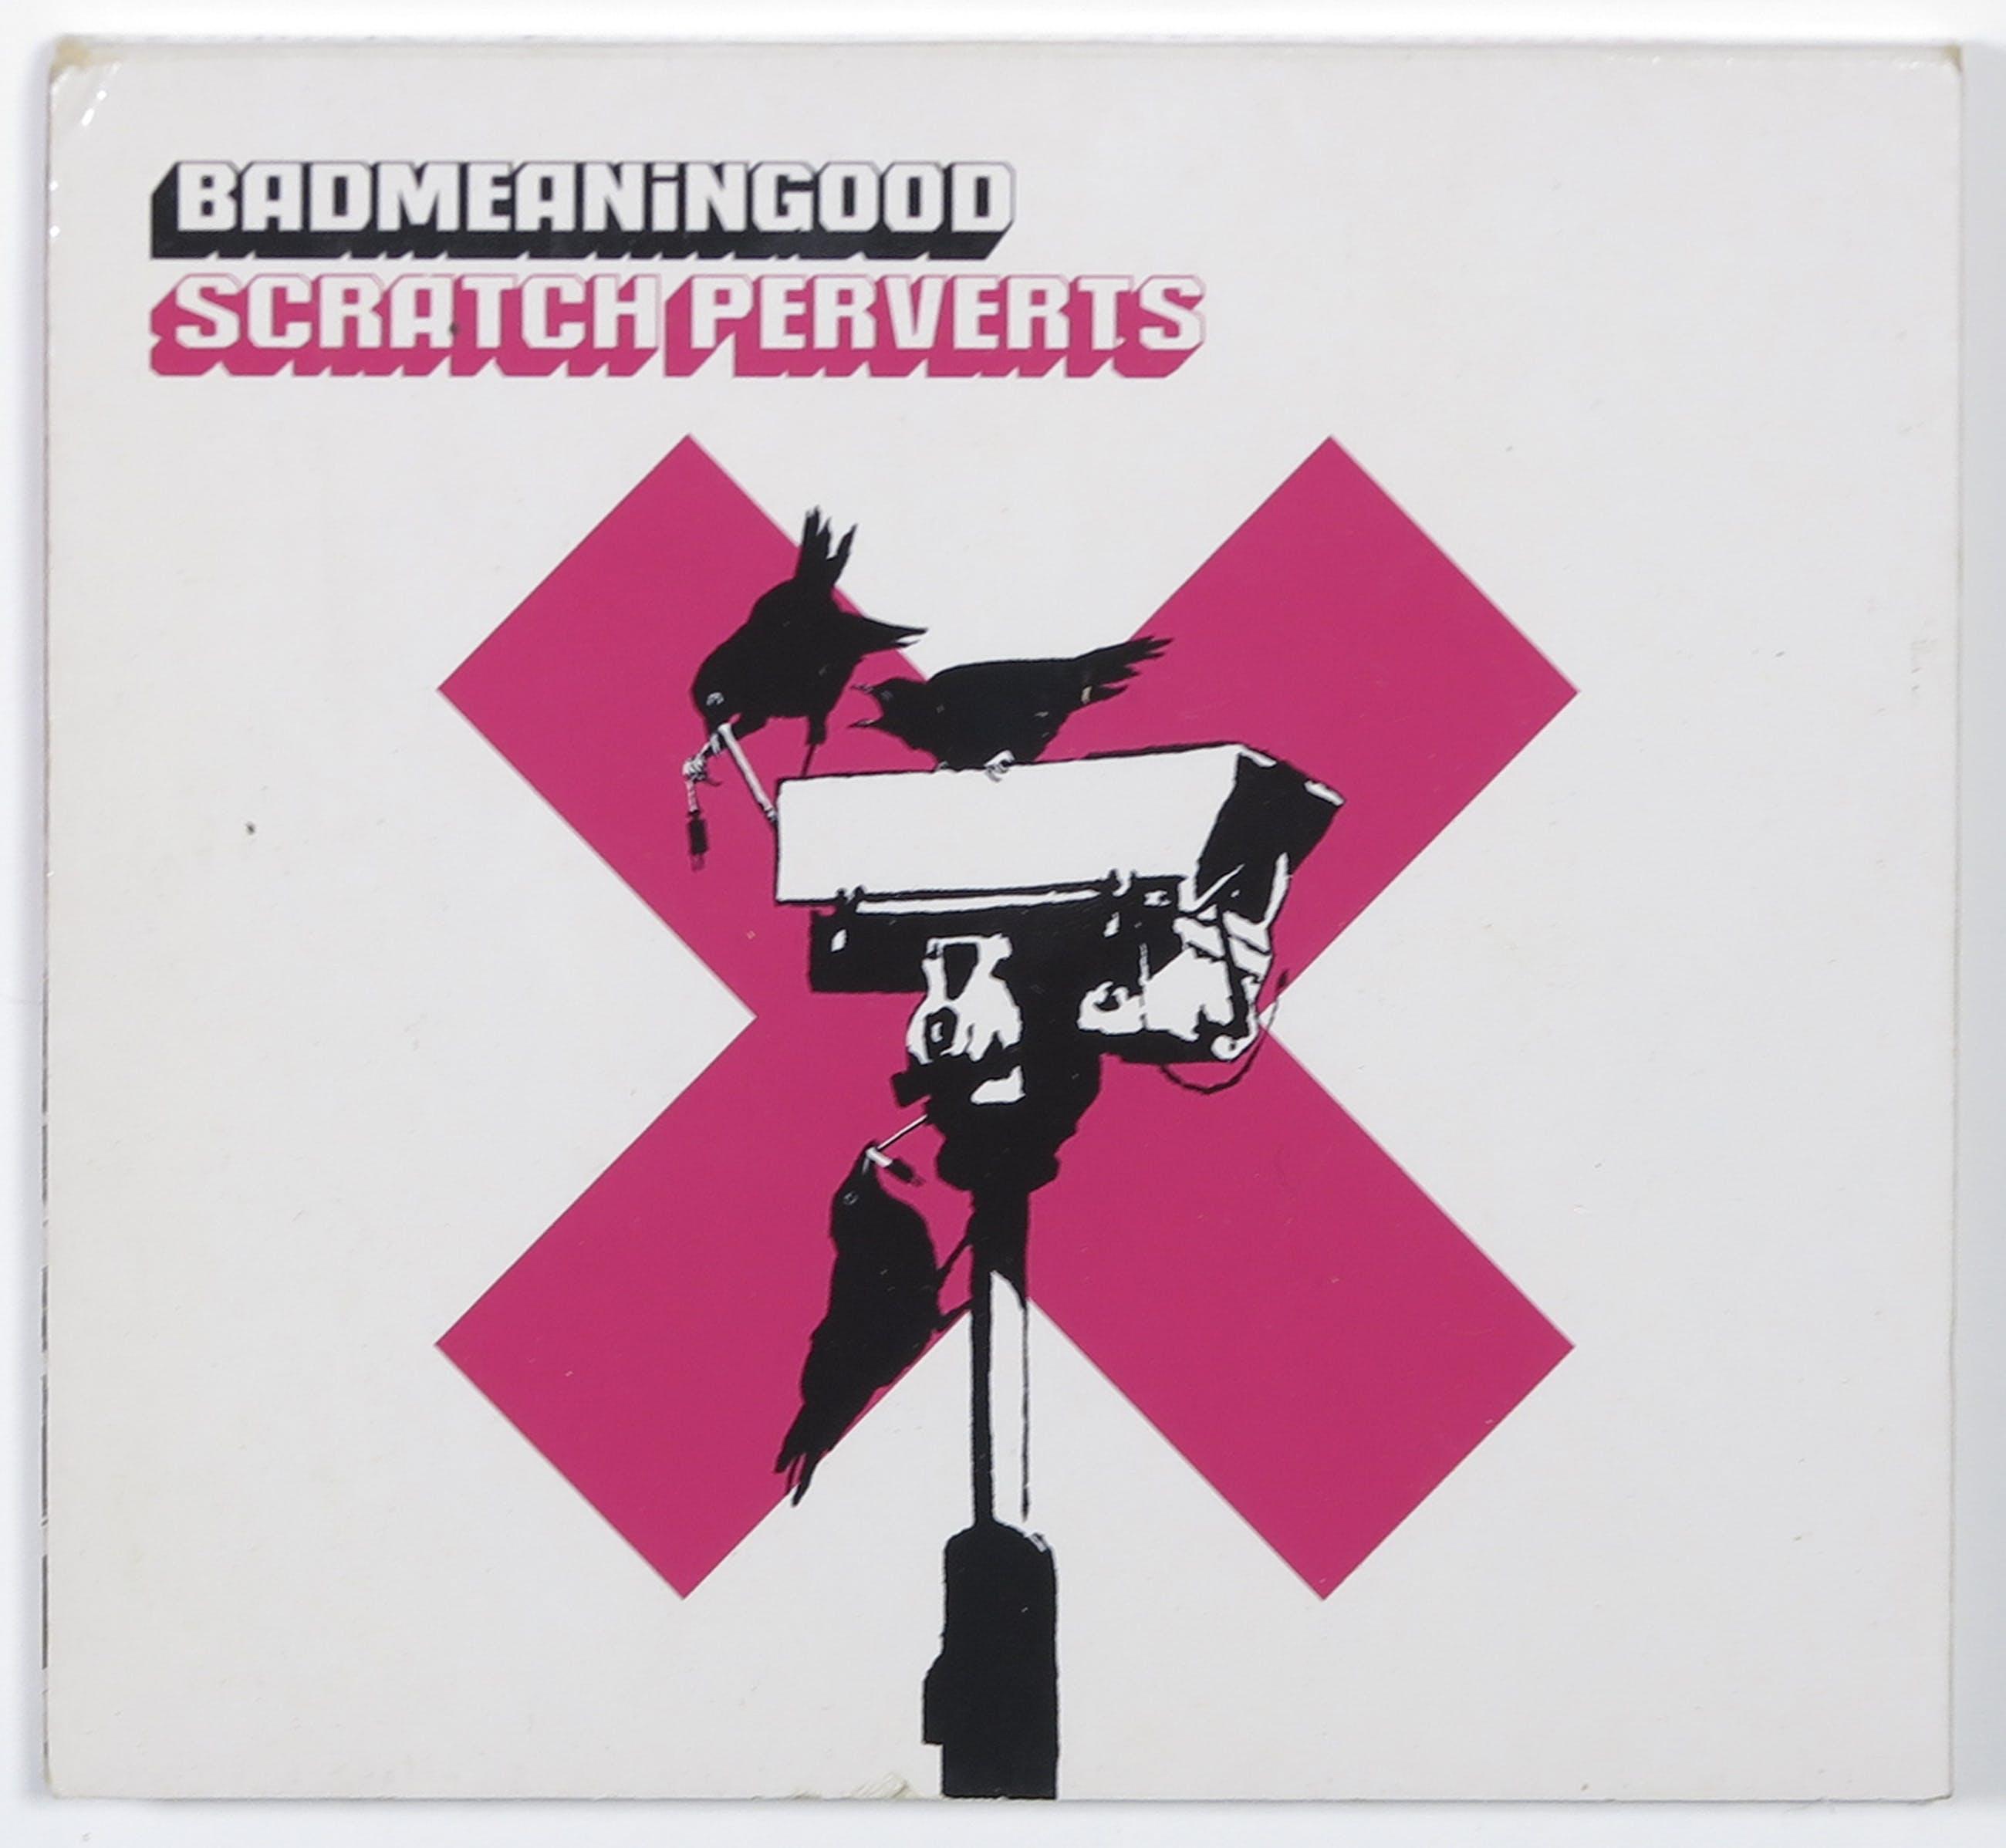 Banksy - Badmeaninggood vol. 4 door Scratch Perverts (CD) - Ingelijst kopen? Bied vanaf 1!